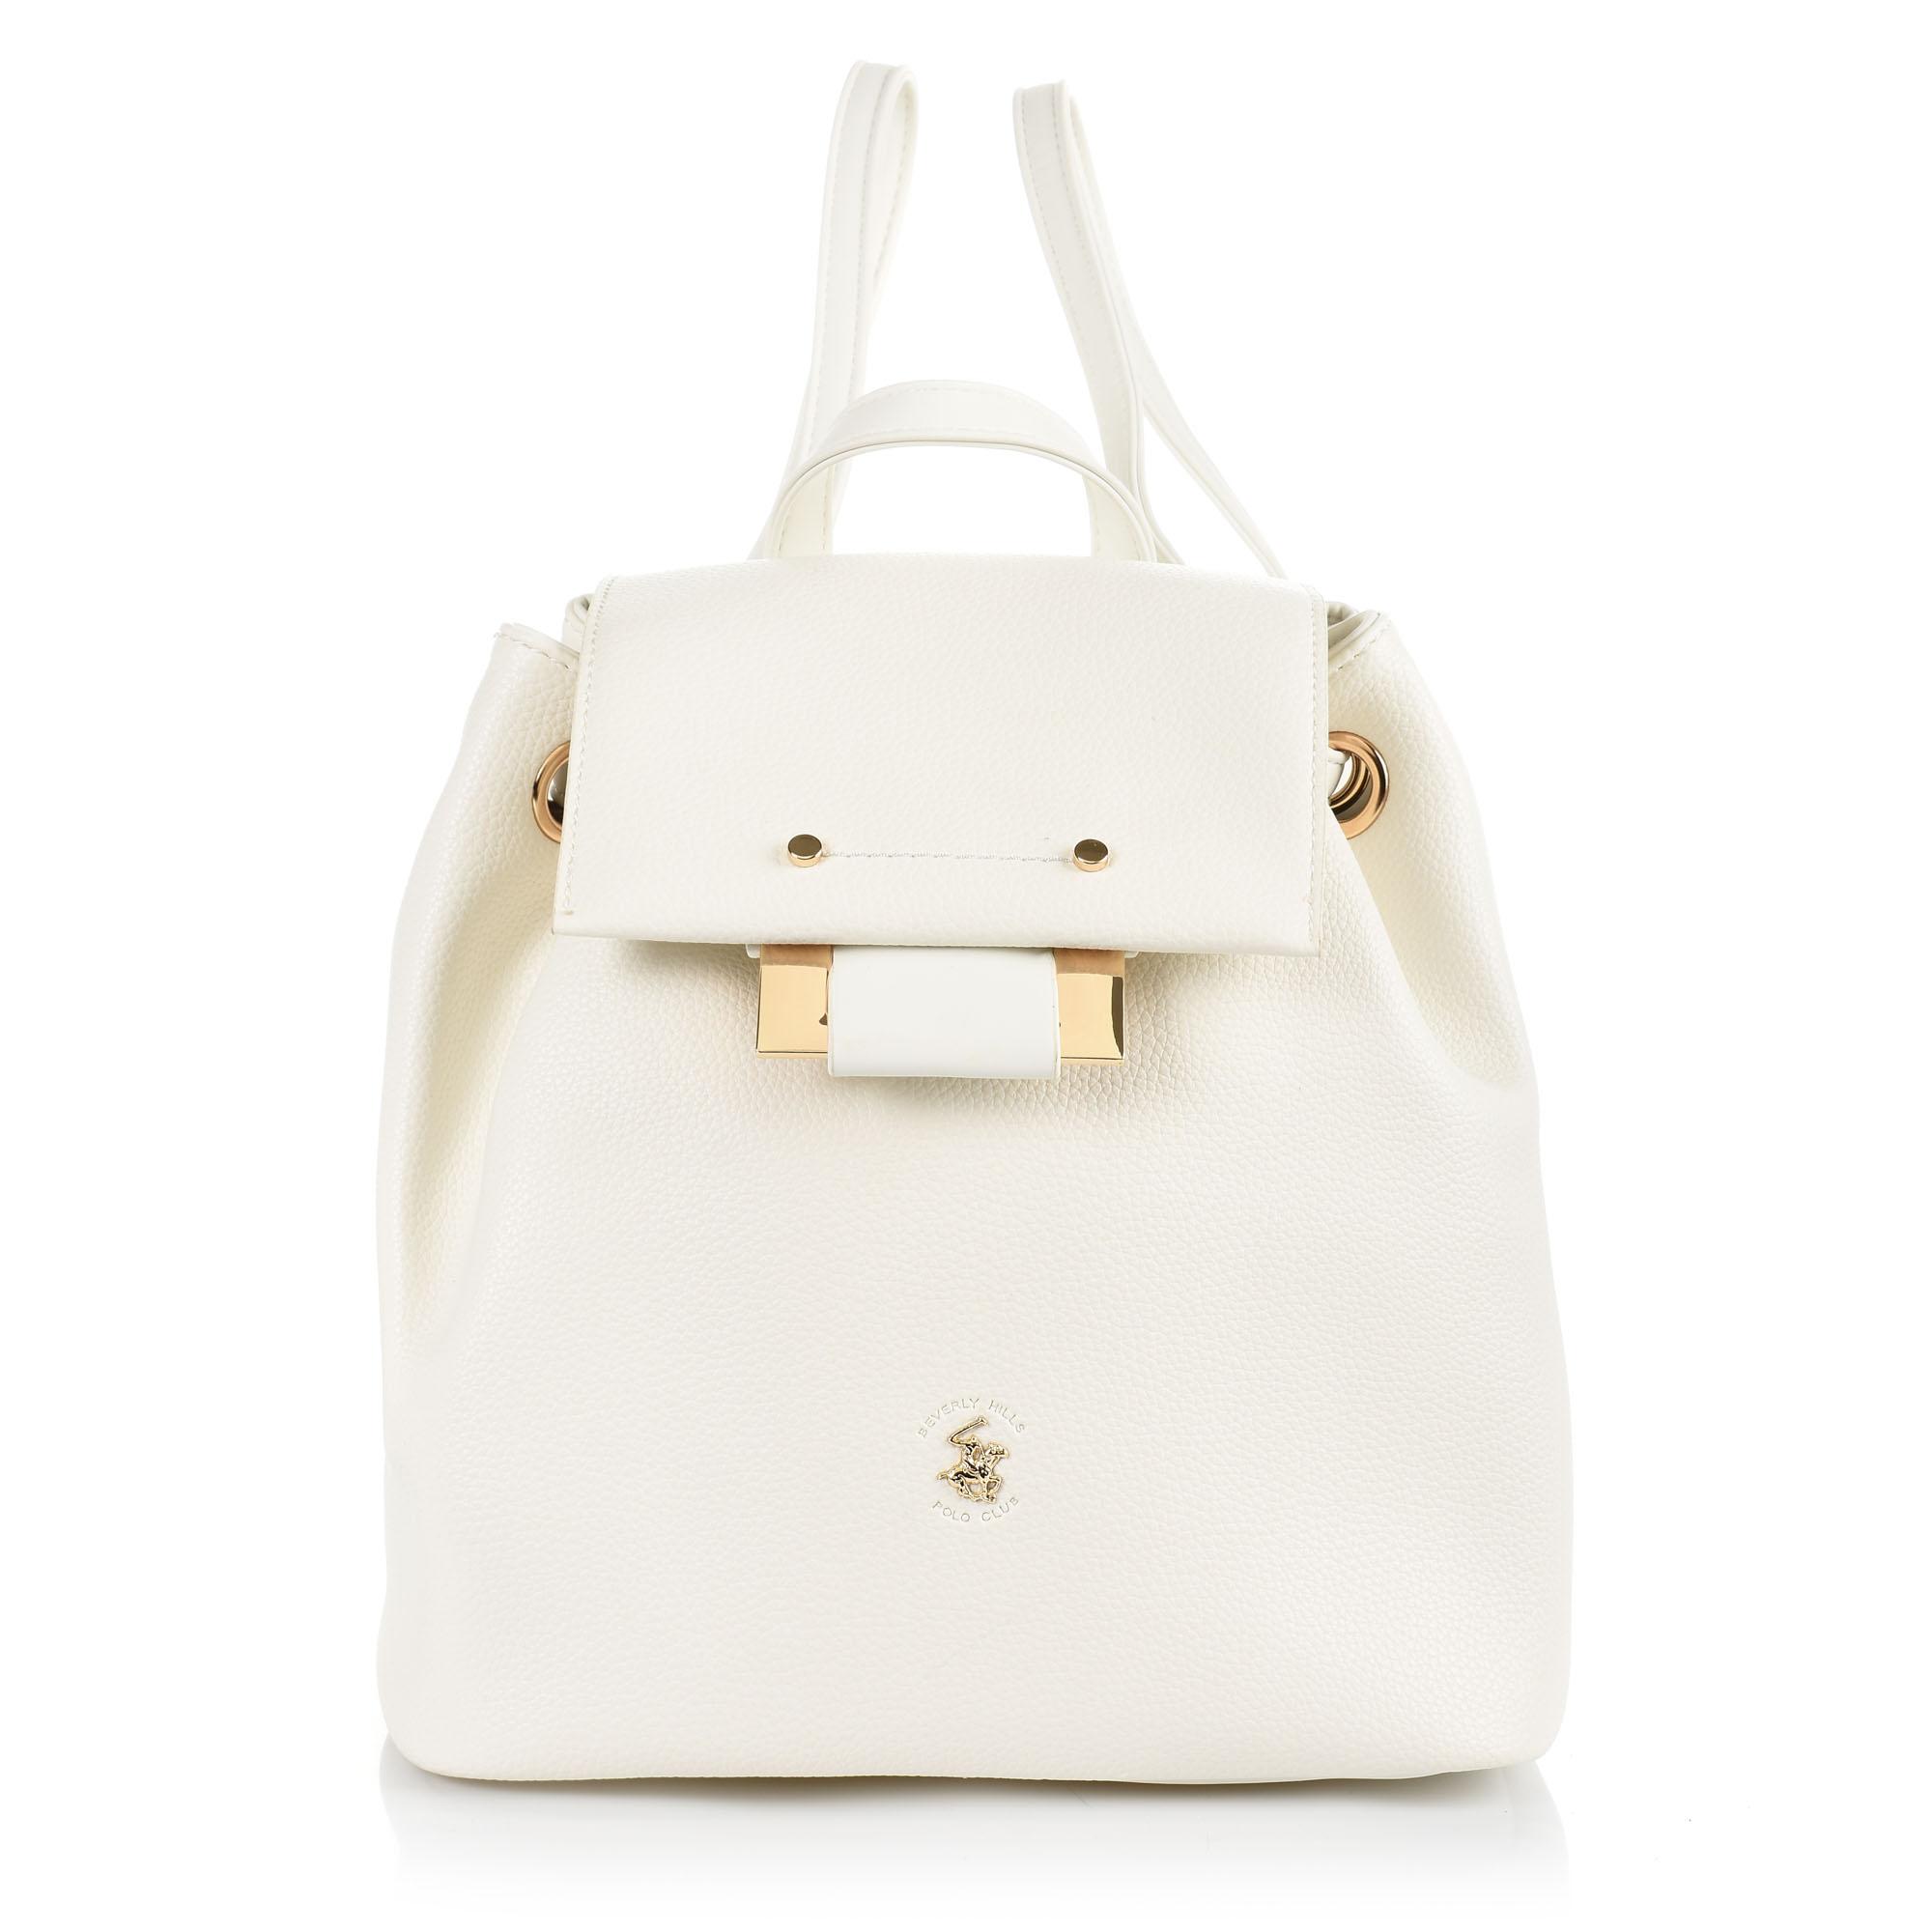 Σακίδιο Πλάτης Beverly Hills Polo Club BH-1613 γυναικα   γυναικεία τσάντα